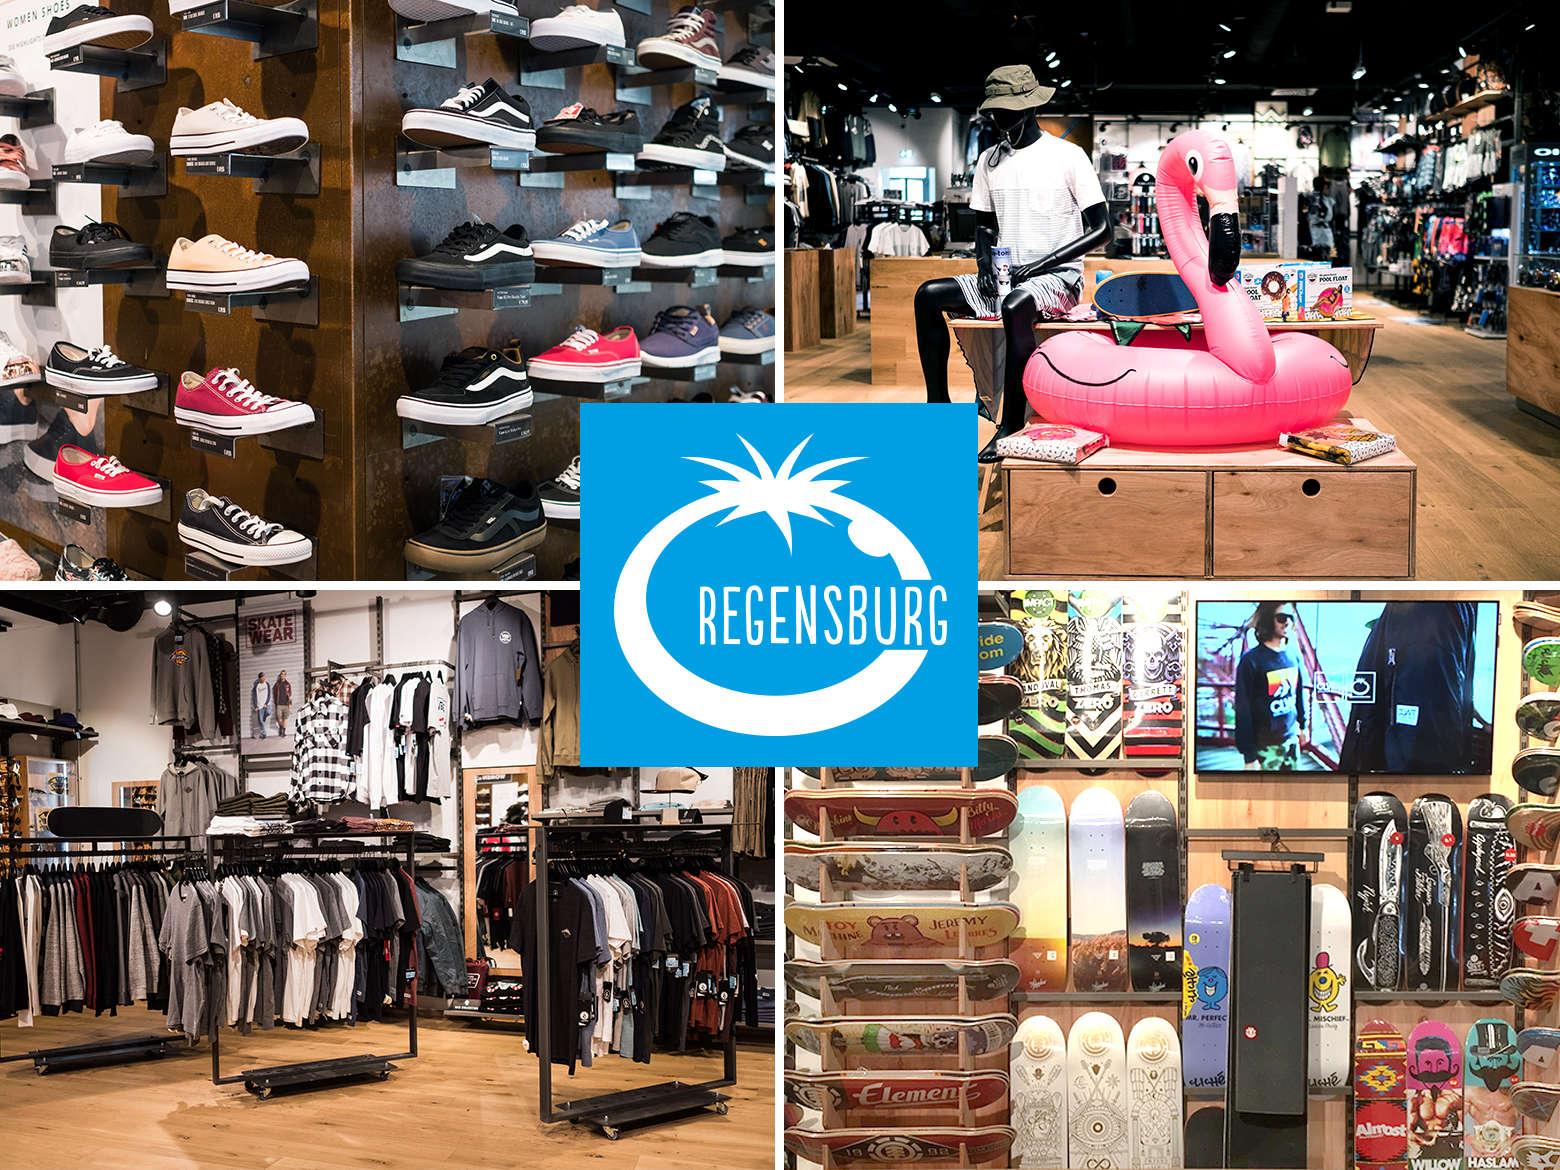 adidas schuhe in regensburg kaufen